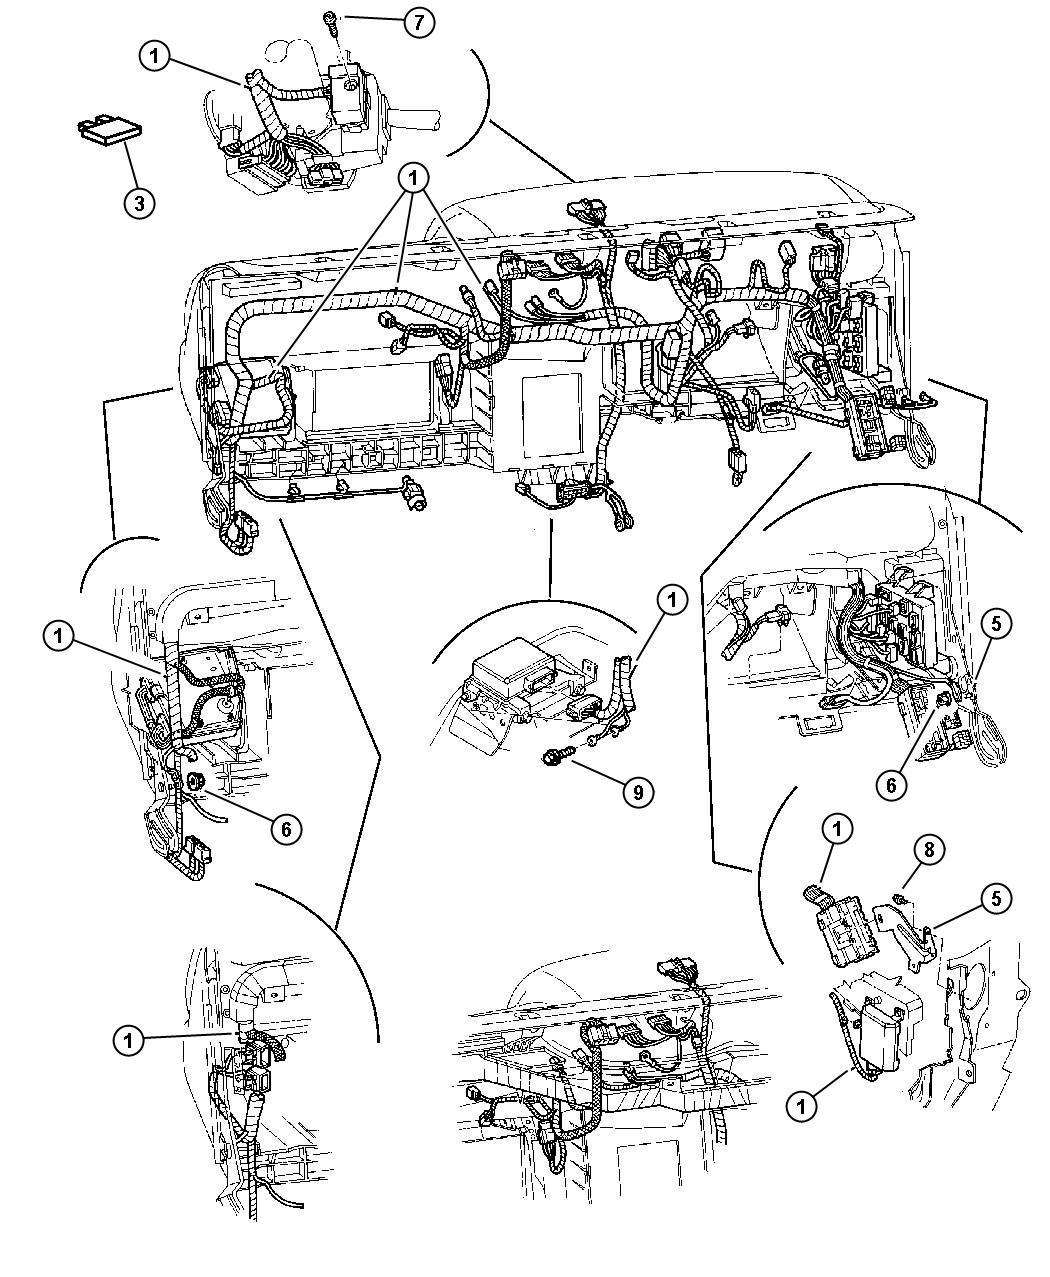 Dodge Dakota Flasher. Turn signal/hazard, turn signal